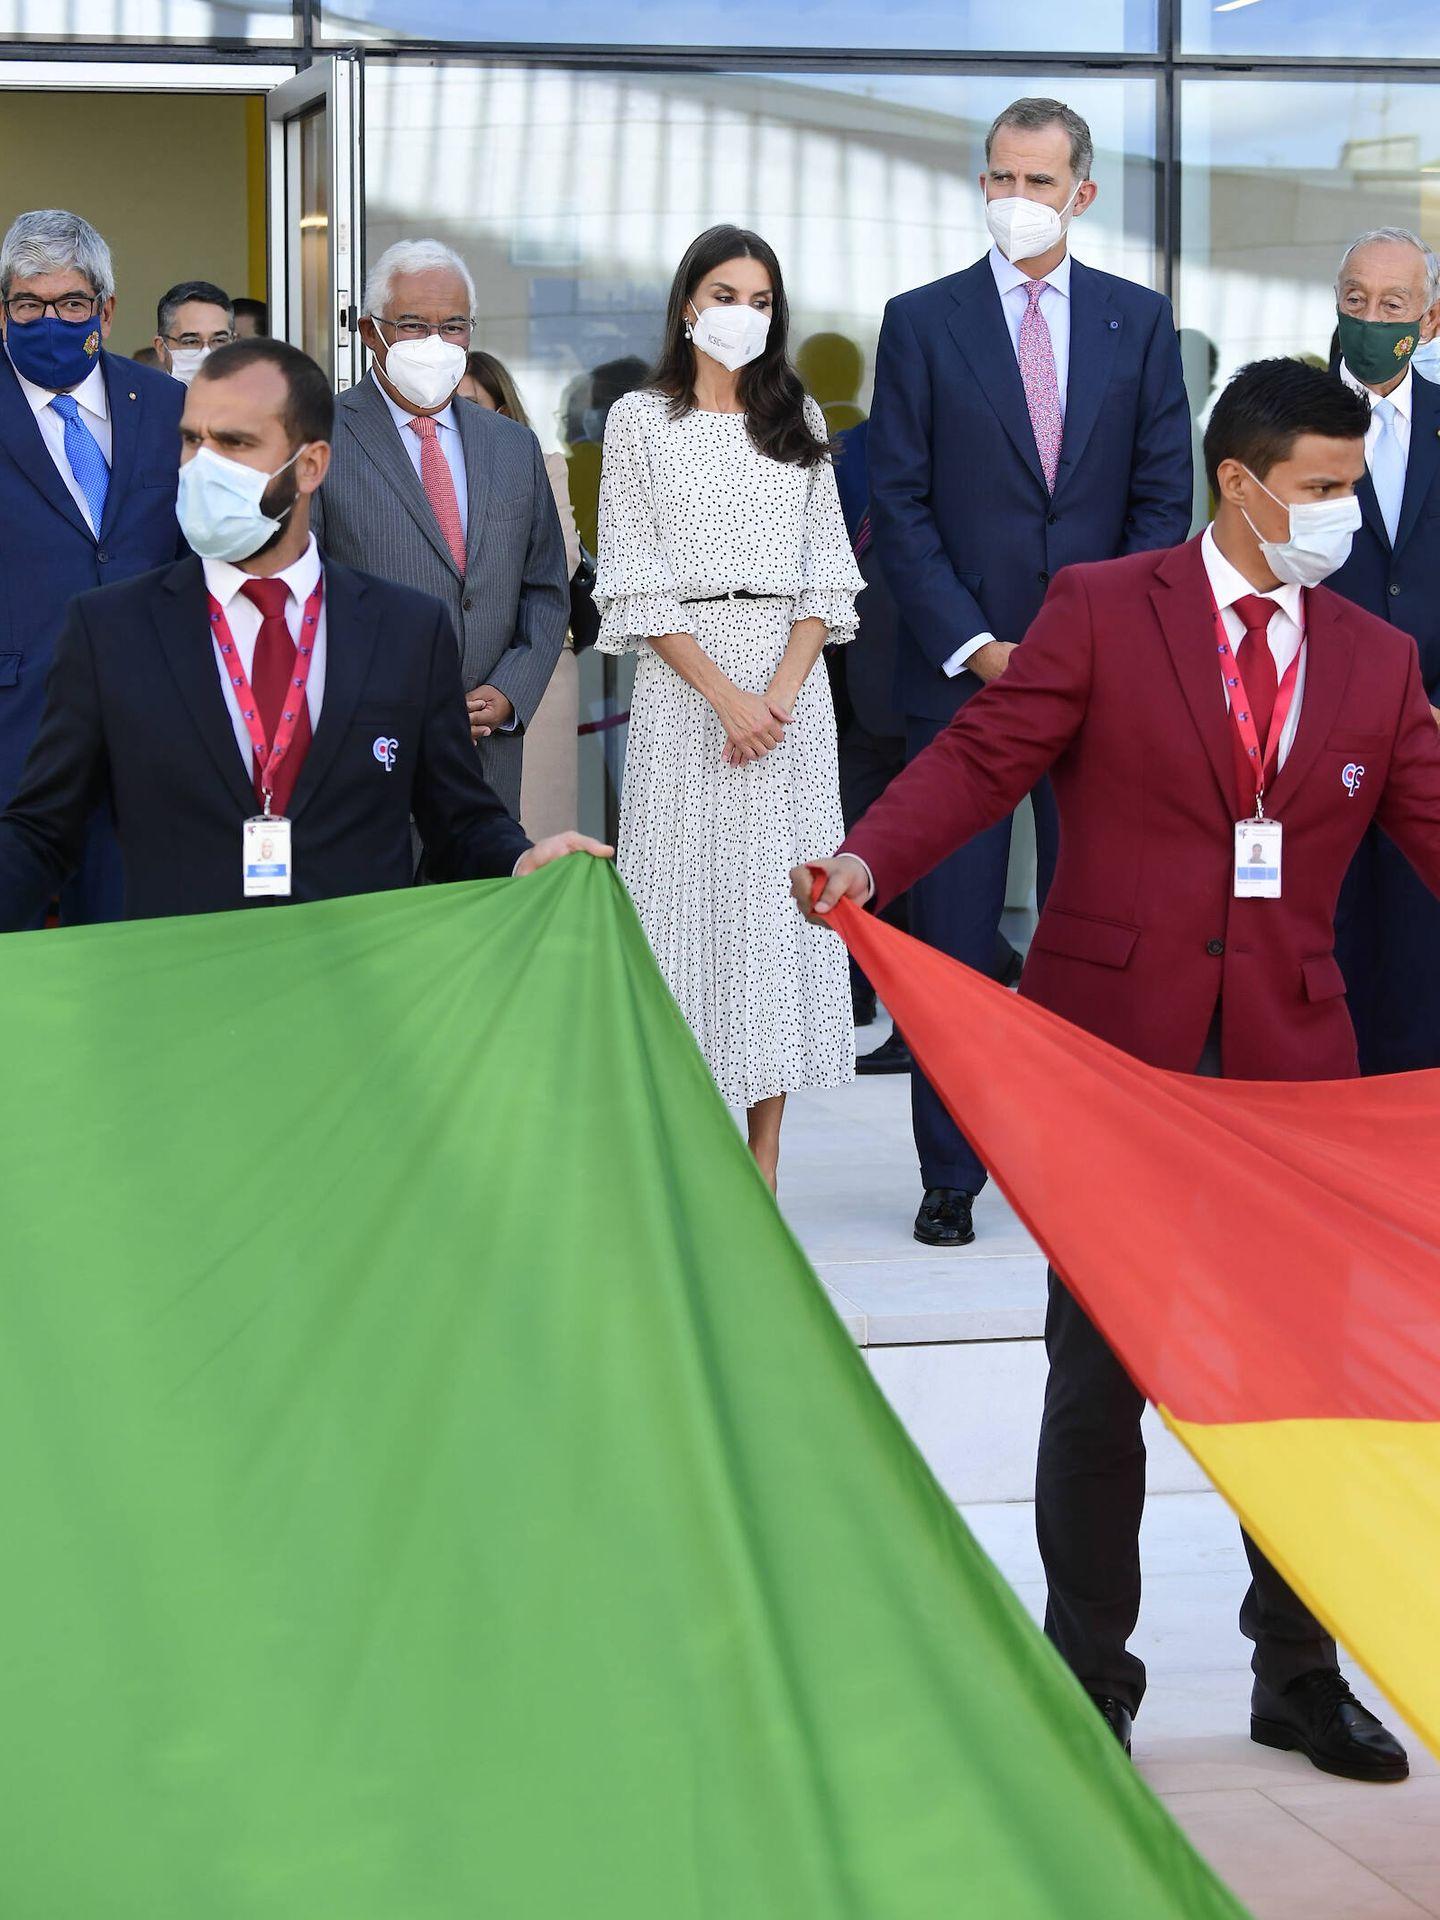 El acto de inauguración, con la bandera de ambos países. (Limited Pictures)